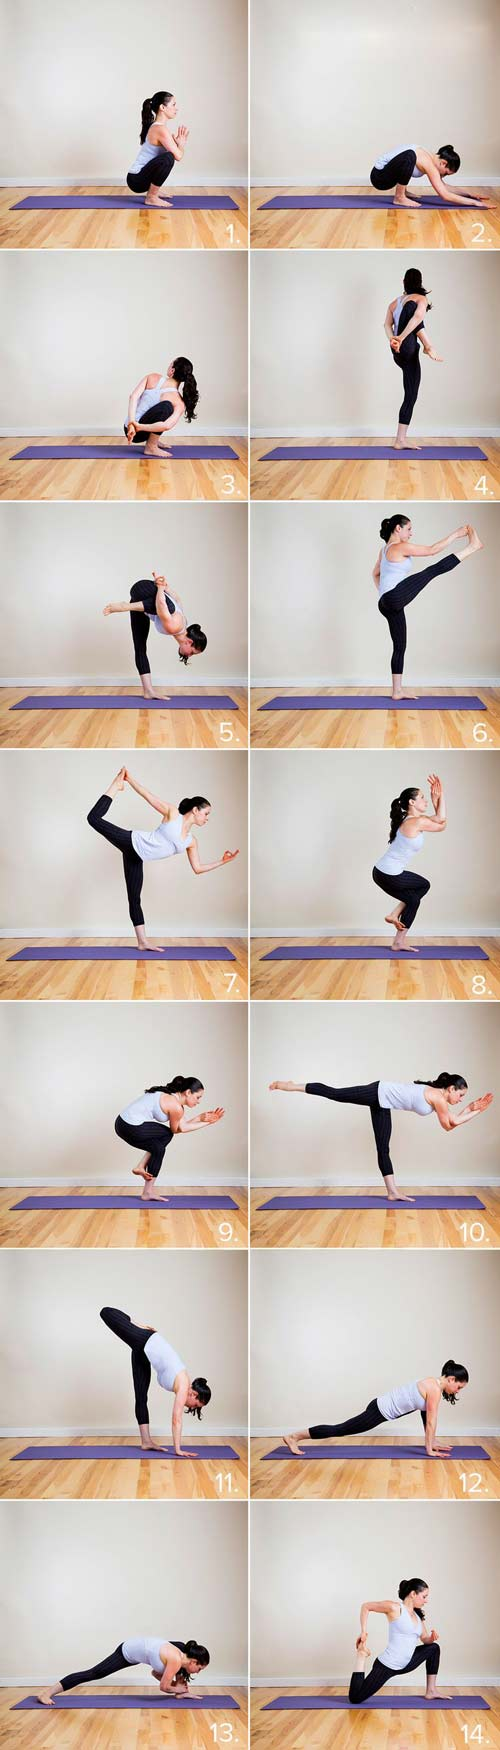 8 bai tap yoga tai nha cho dang xinh chang me tit - 6